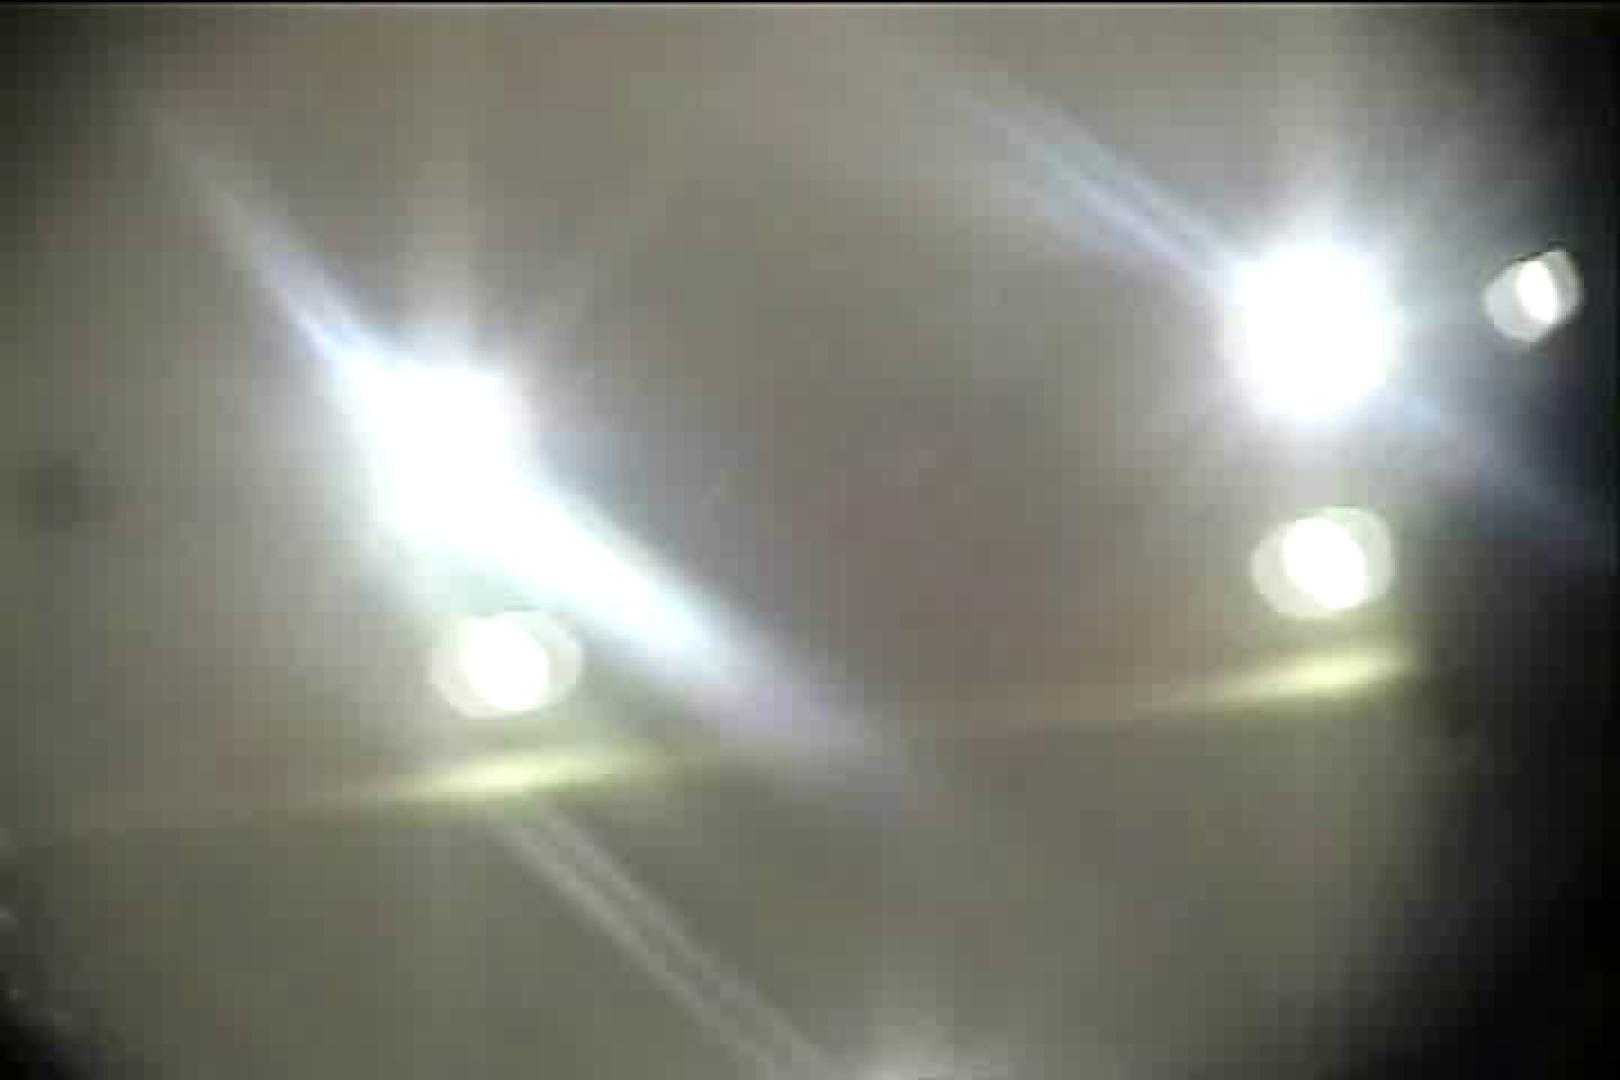 関西発!タツヤのDV直撮り大追跡Vol.1 美しいOLの裸体  78pic 40